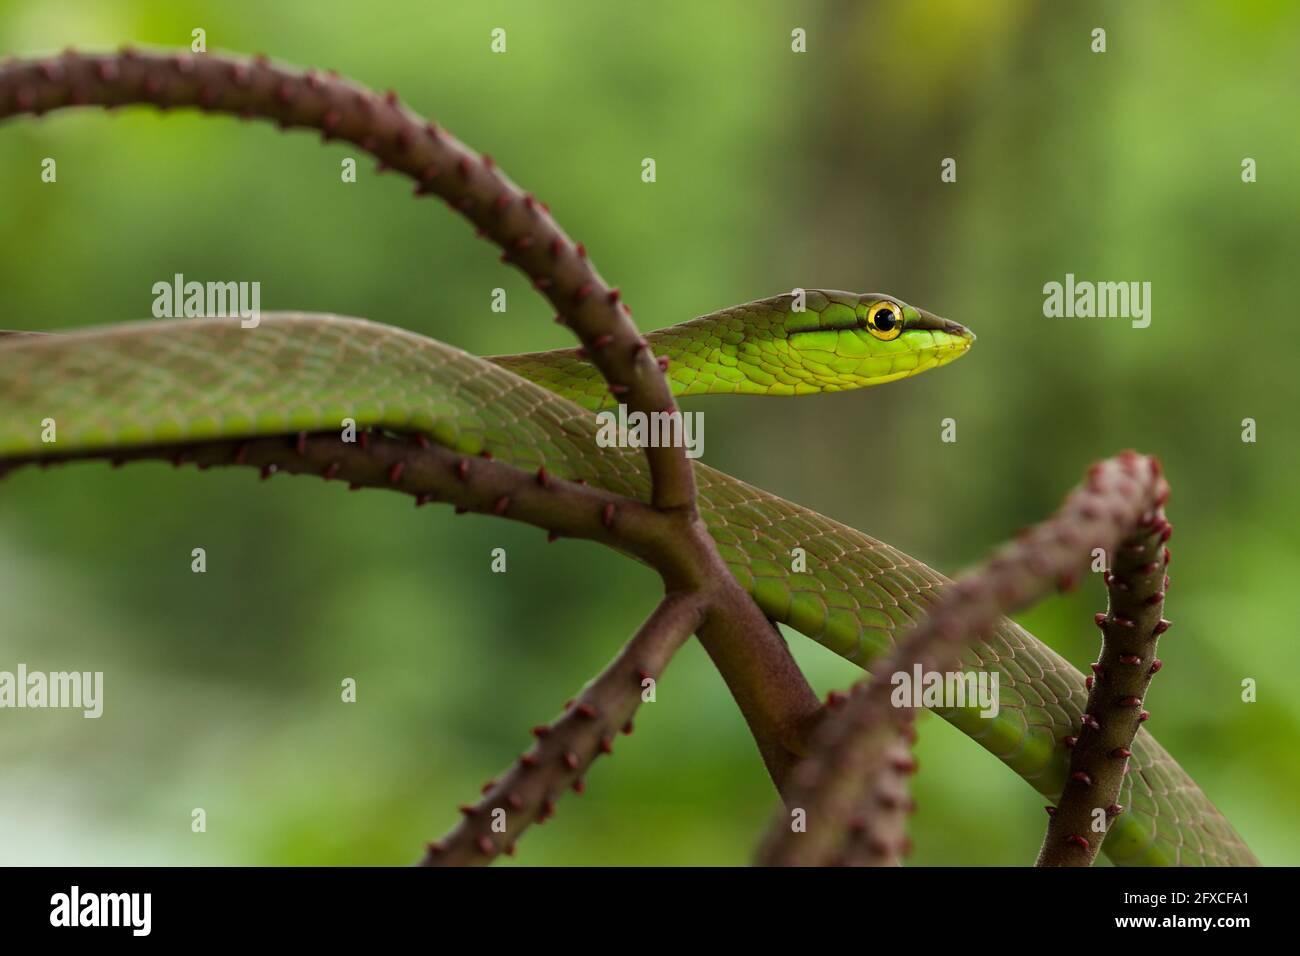 Le serpent à nez court - Oxybelis brevirostris, est un serpent arboricole qui se nourrit principalement de grenouilles et de lézards. Banque D'Images